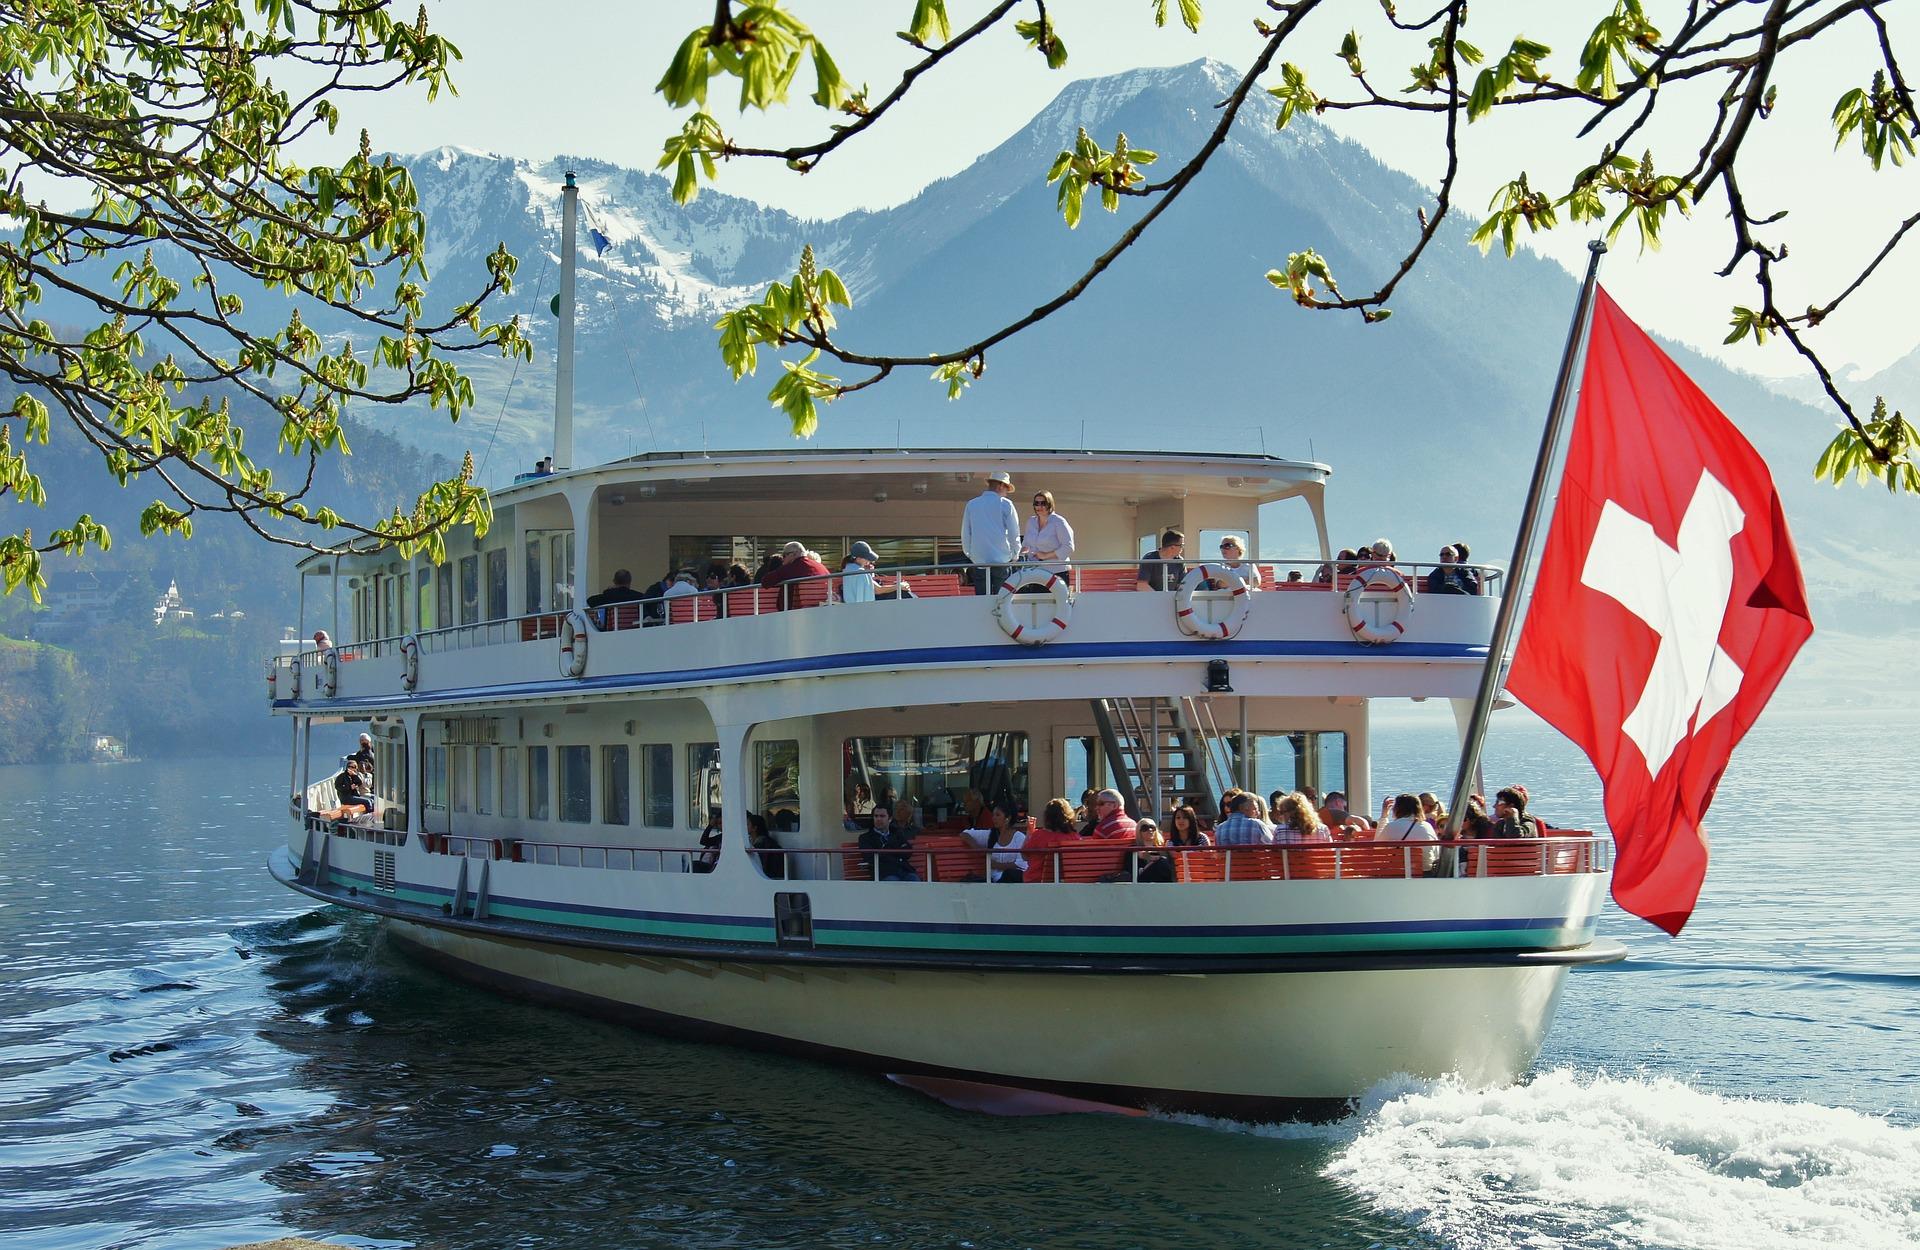 Luxury in Switzerland: 5 lush indulgences!